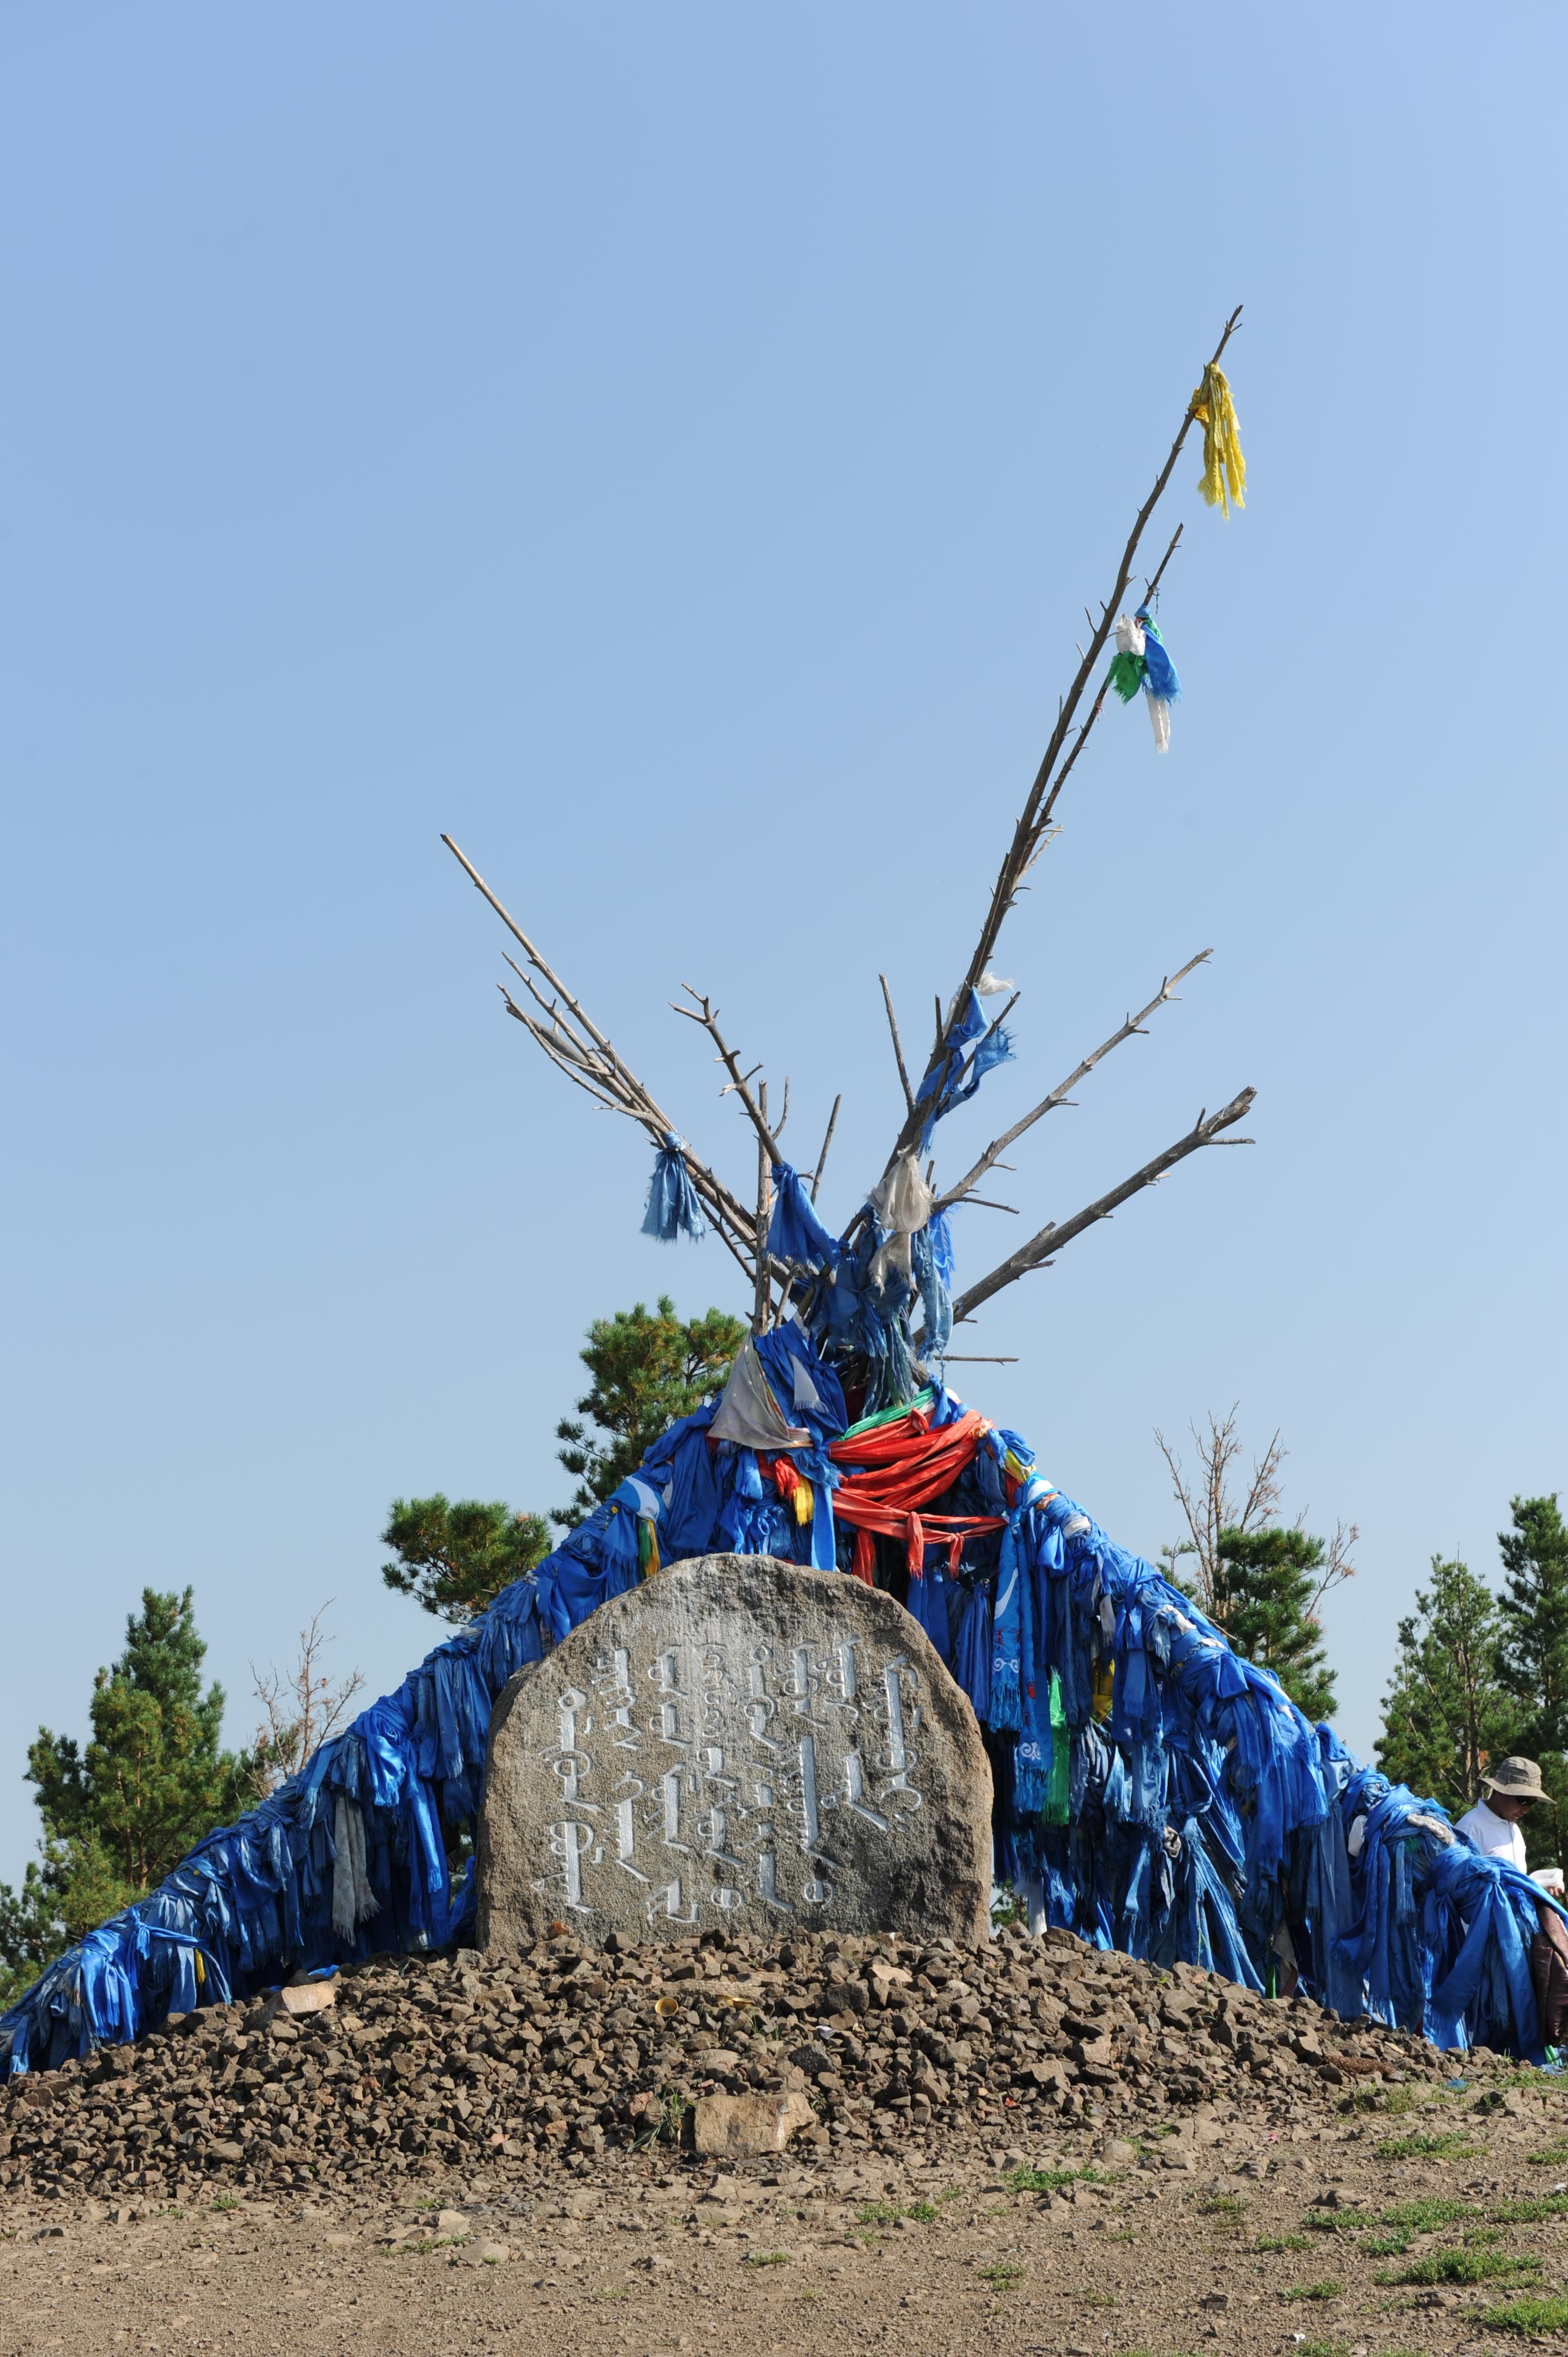 蒙古旅游图片 1081(1)